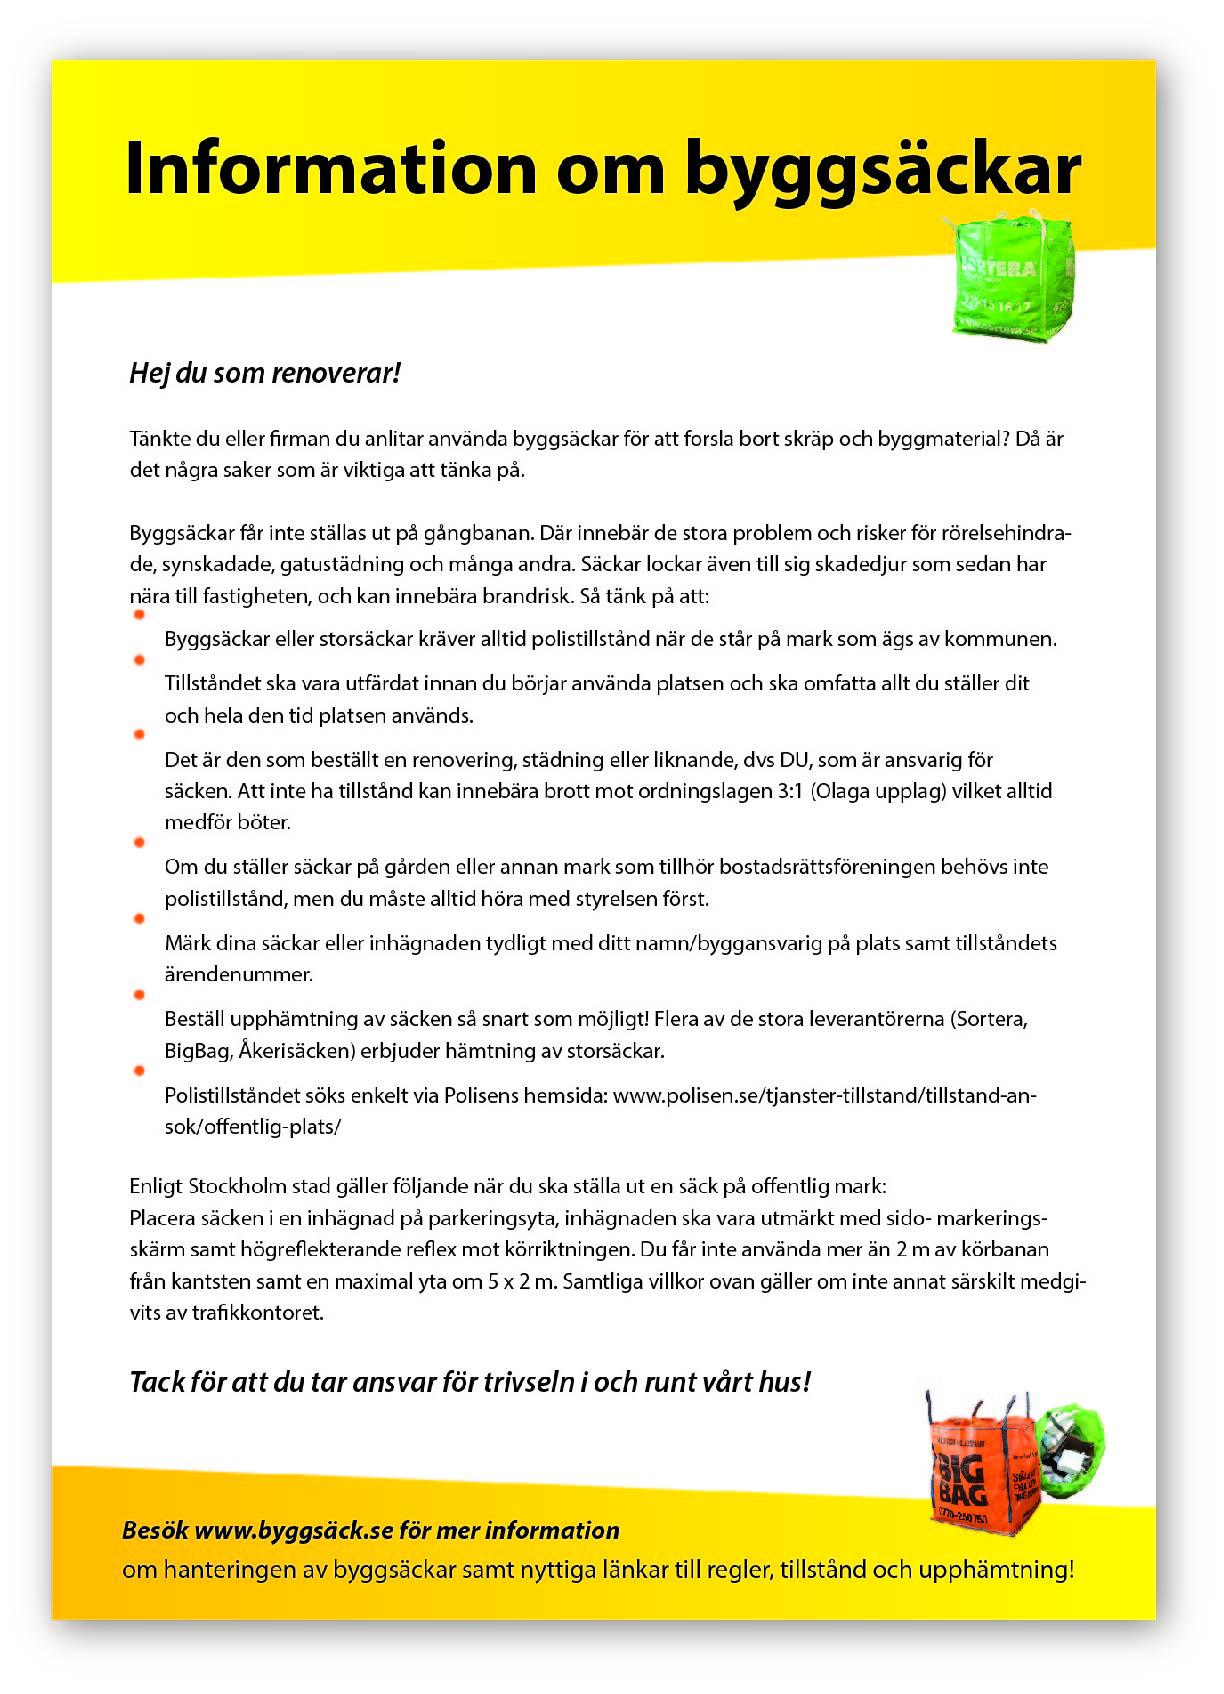 Infolapp om byggsäckar till boende-2.jpg